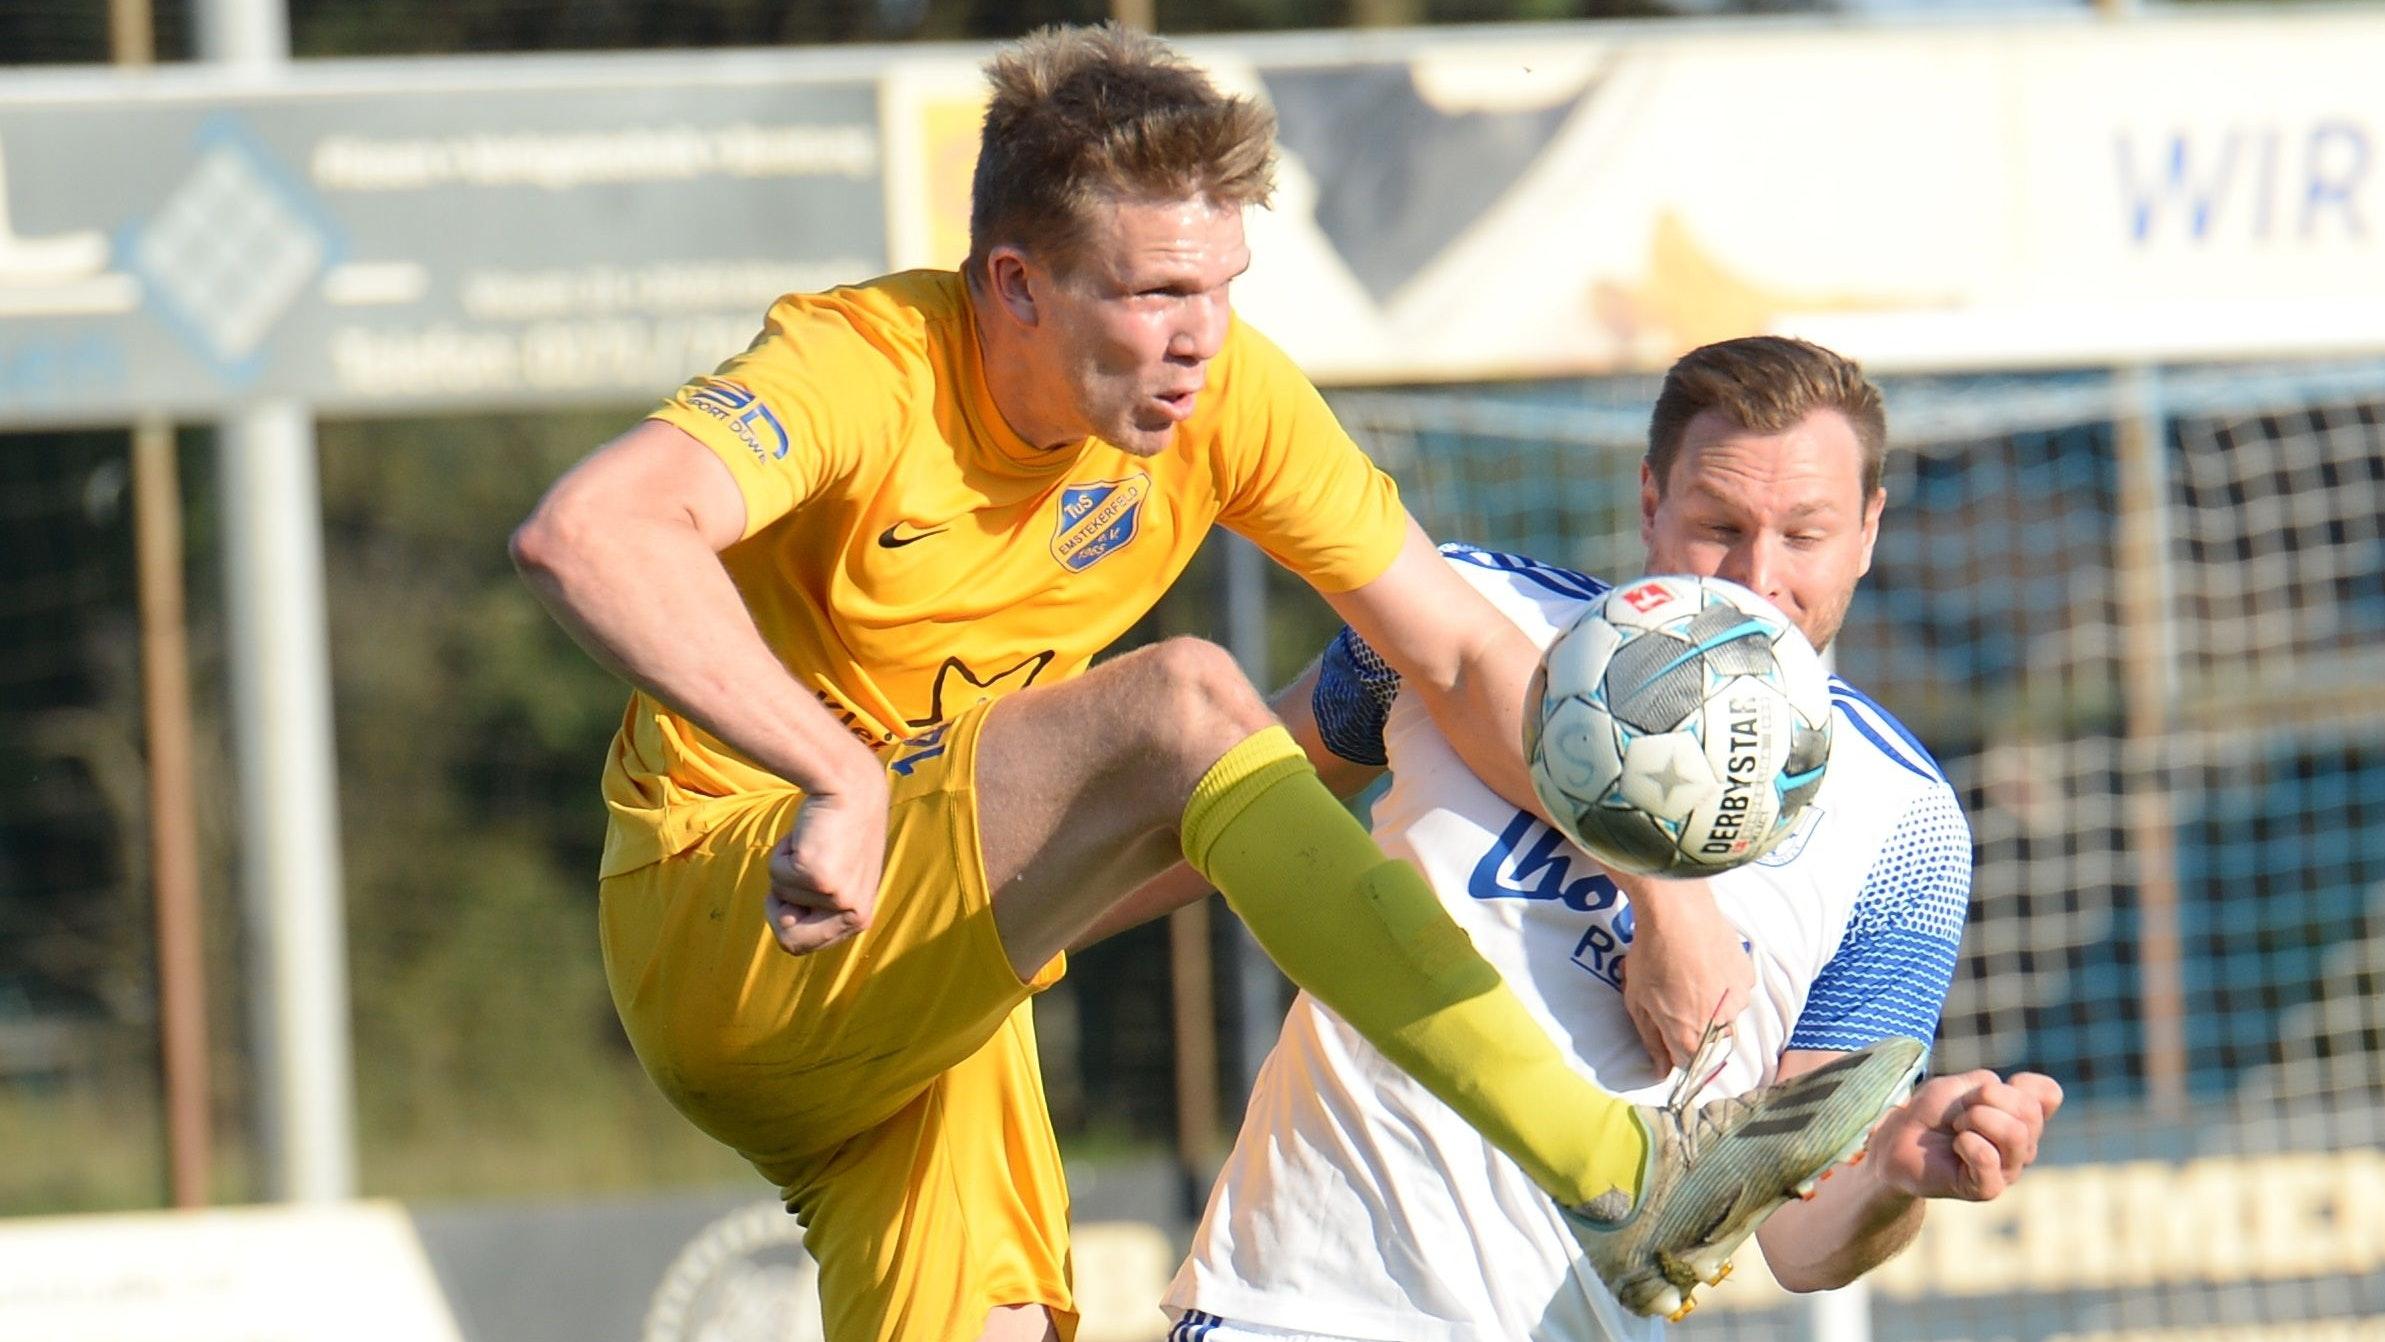 Schritt voraus: Linus Funke (in Gelb) behauptet sich hier gegen Christoph Blancke und landete mit seinem TuS Emstekerfeld einen 2:0-Sieg beim SV Altenoythe. Foto: Langosch